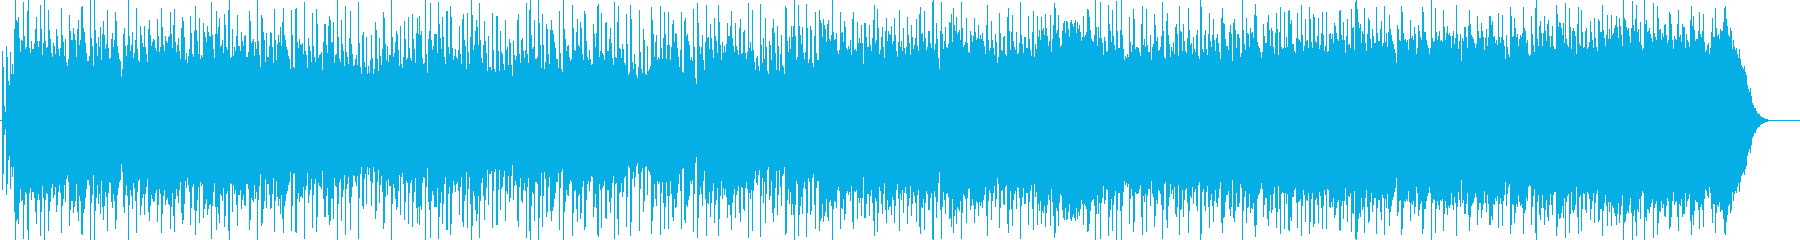 いきいきとして明るいポップロックの再生済みの波形